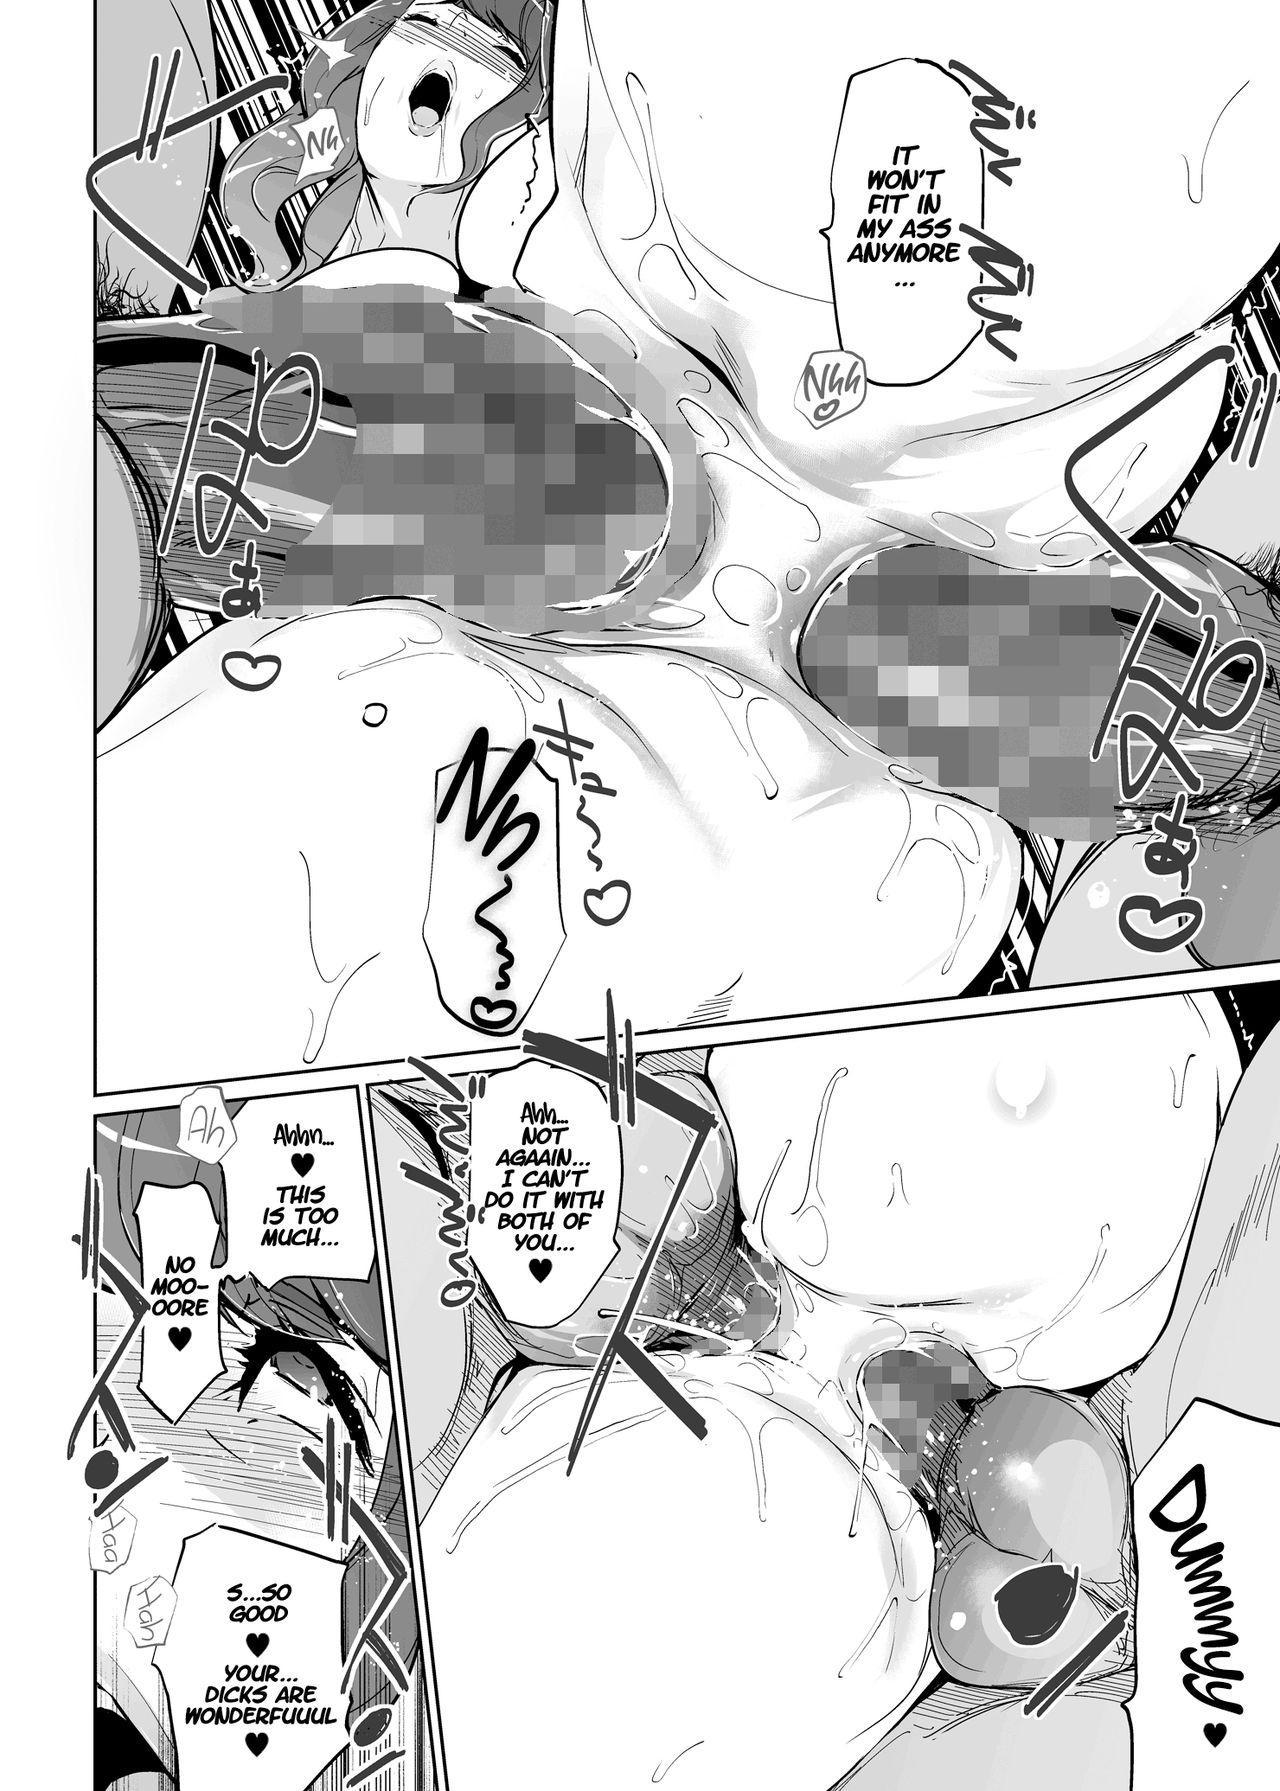 NTR THE MIDNIGHT POOL Kanketsuhen 22